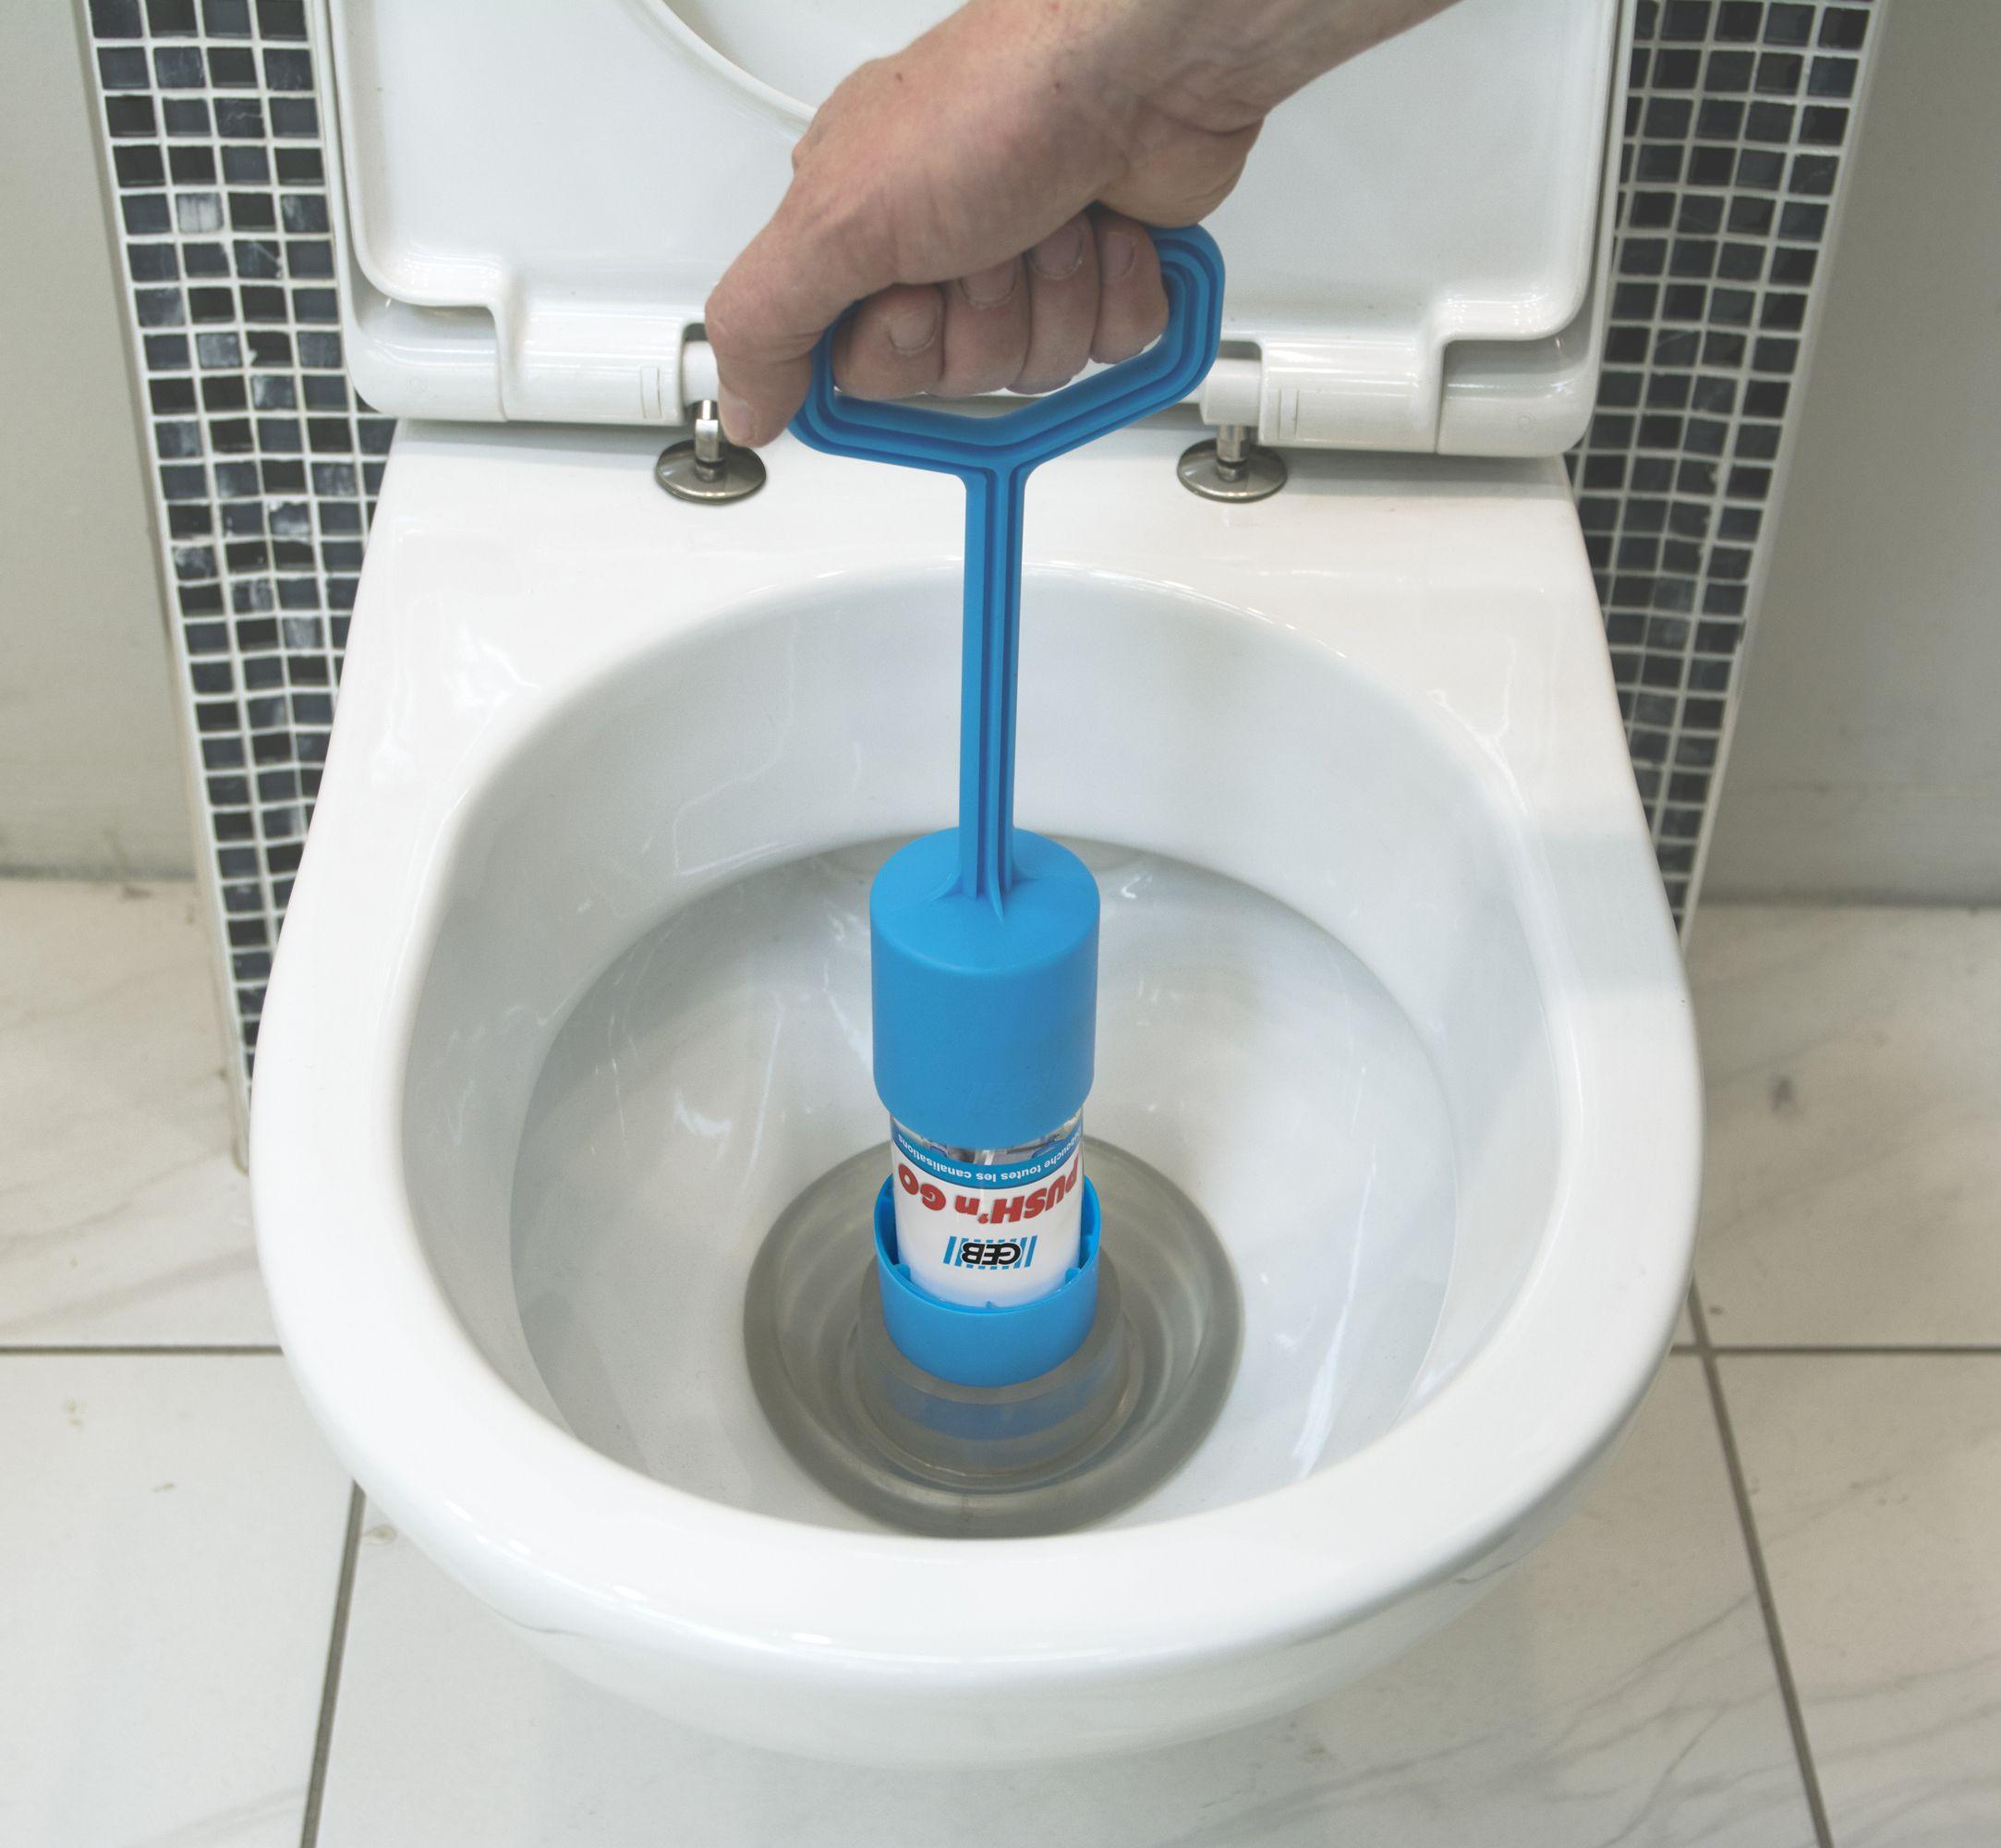 Deboucher Les Toilettes Rien De Plus Simple Avec Le Nouveau Kit Deboucheur Push N Go De Geb Deboucheur Toilettes Deboucheur Deboucher Toilette Toilettes